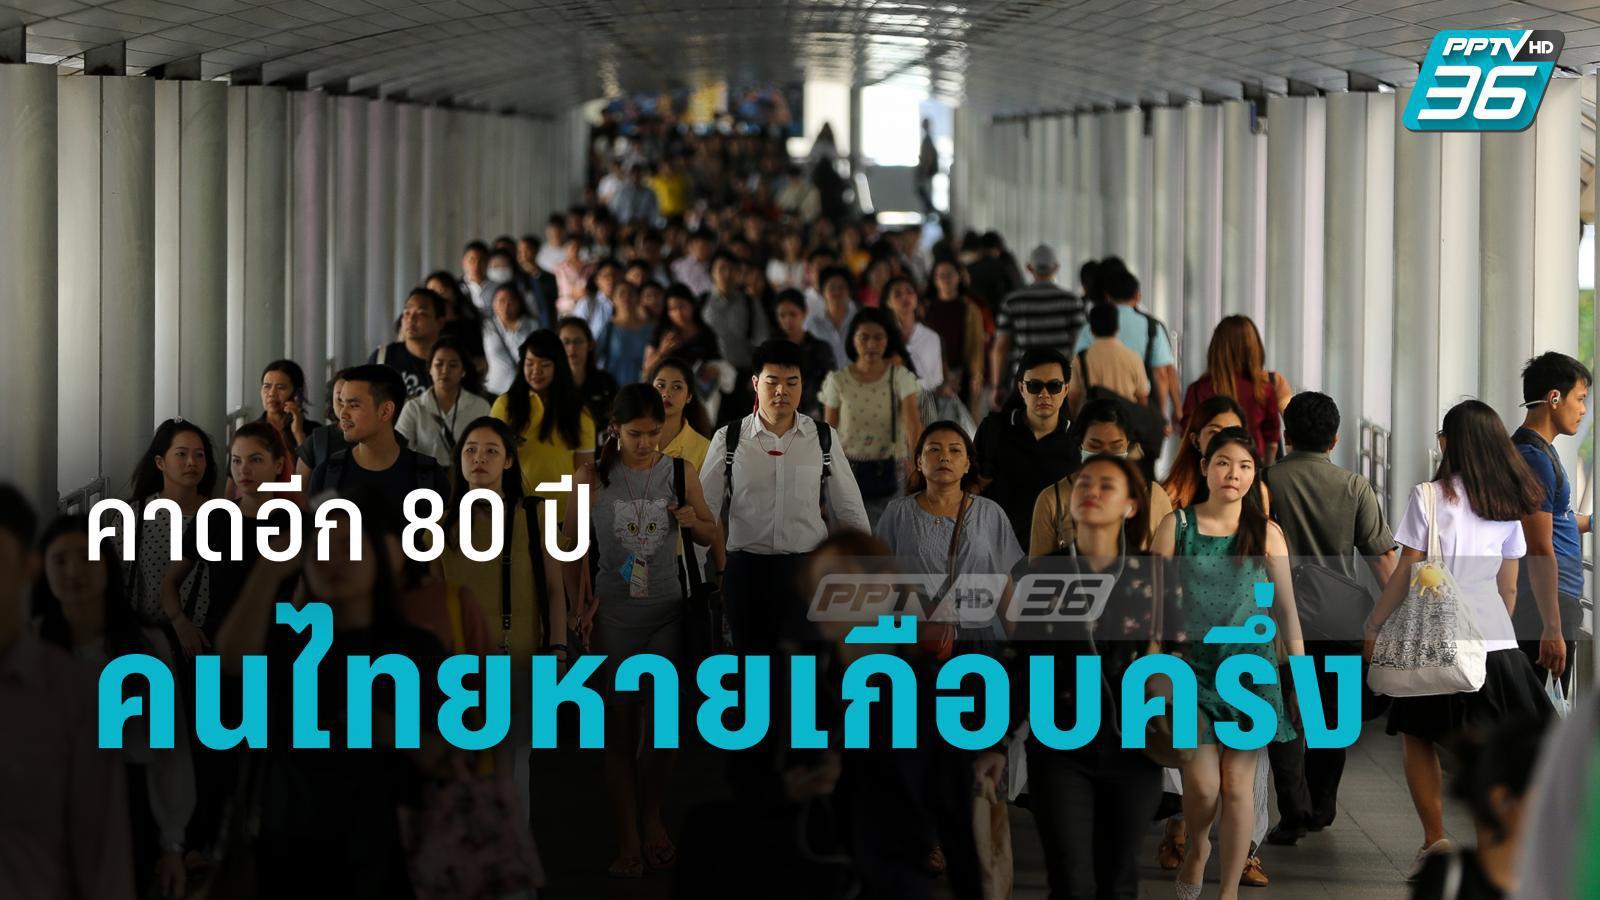 คาดอีก 80 ปี ประชากรโลกลดฮวบ-คนไทยหายกว่าครึ่ง